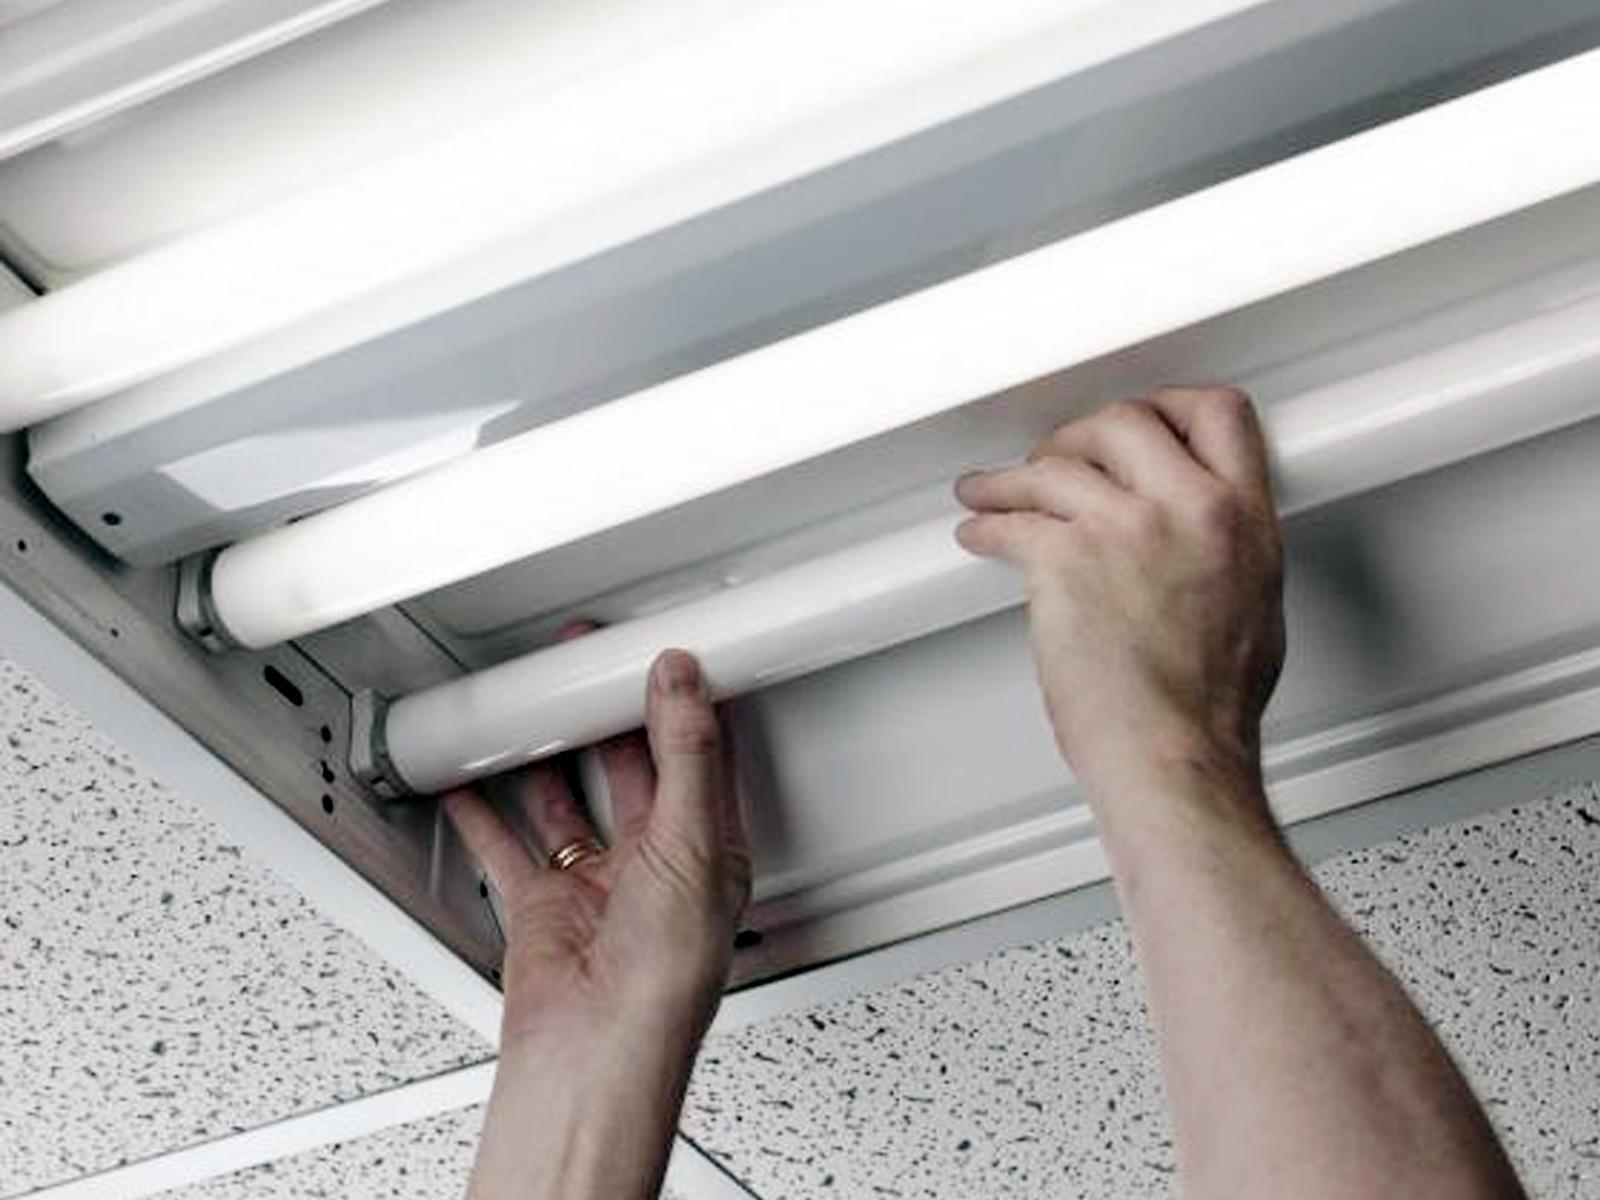 Fluorescentielampen (TL-lampen): voor- en nadelen